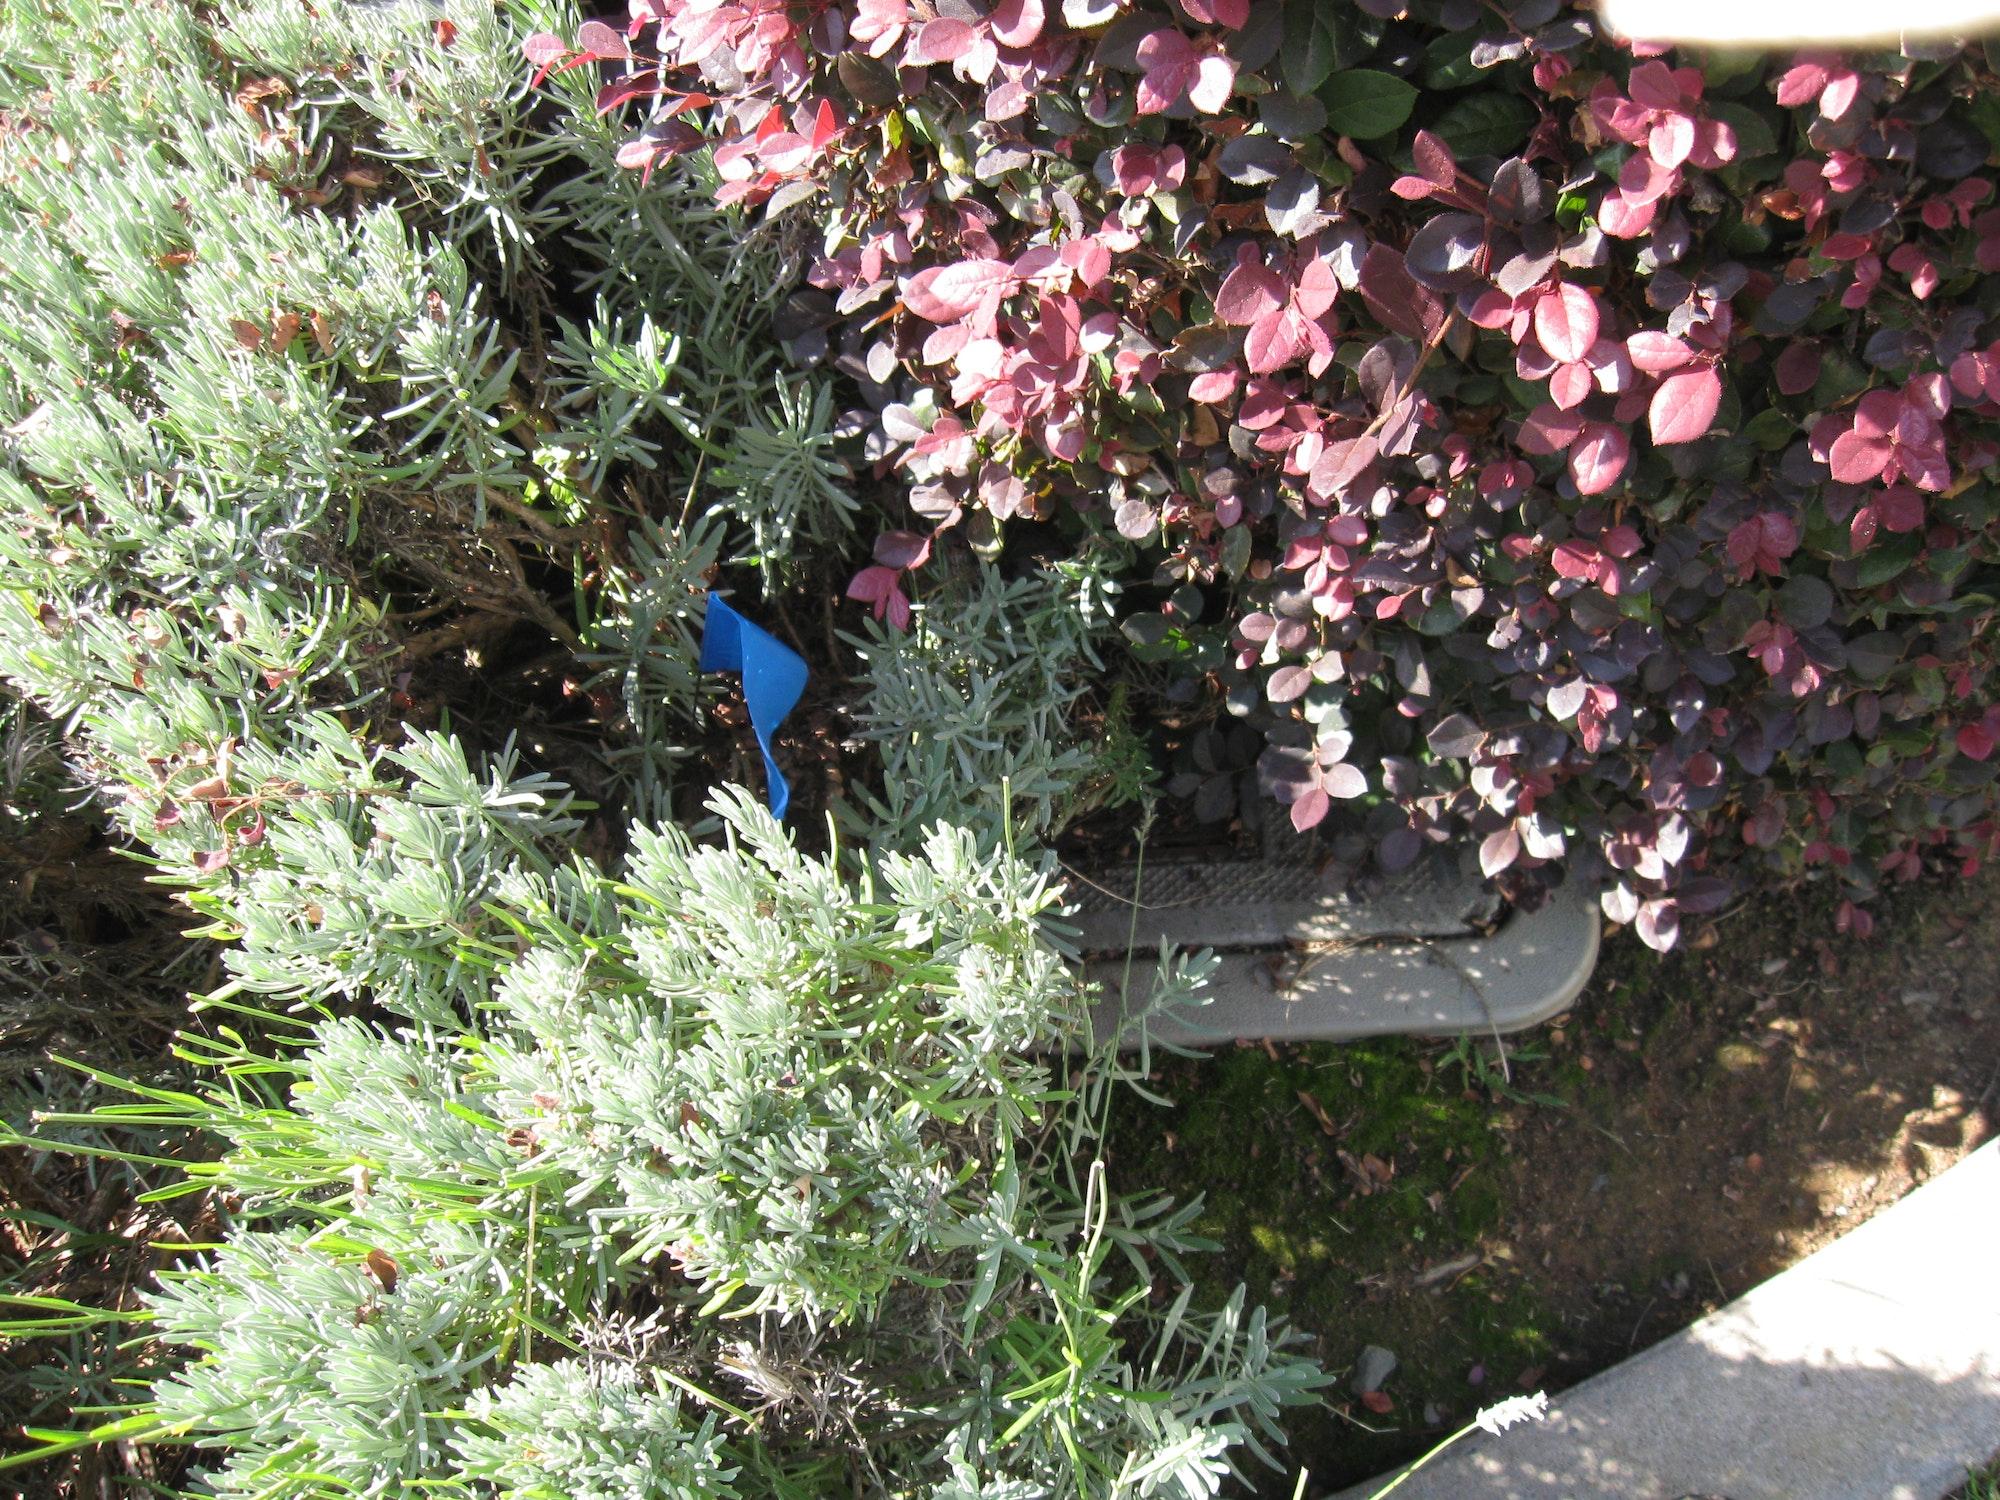 overgrown meter box